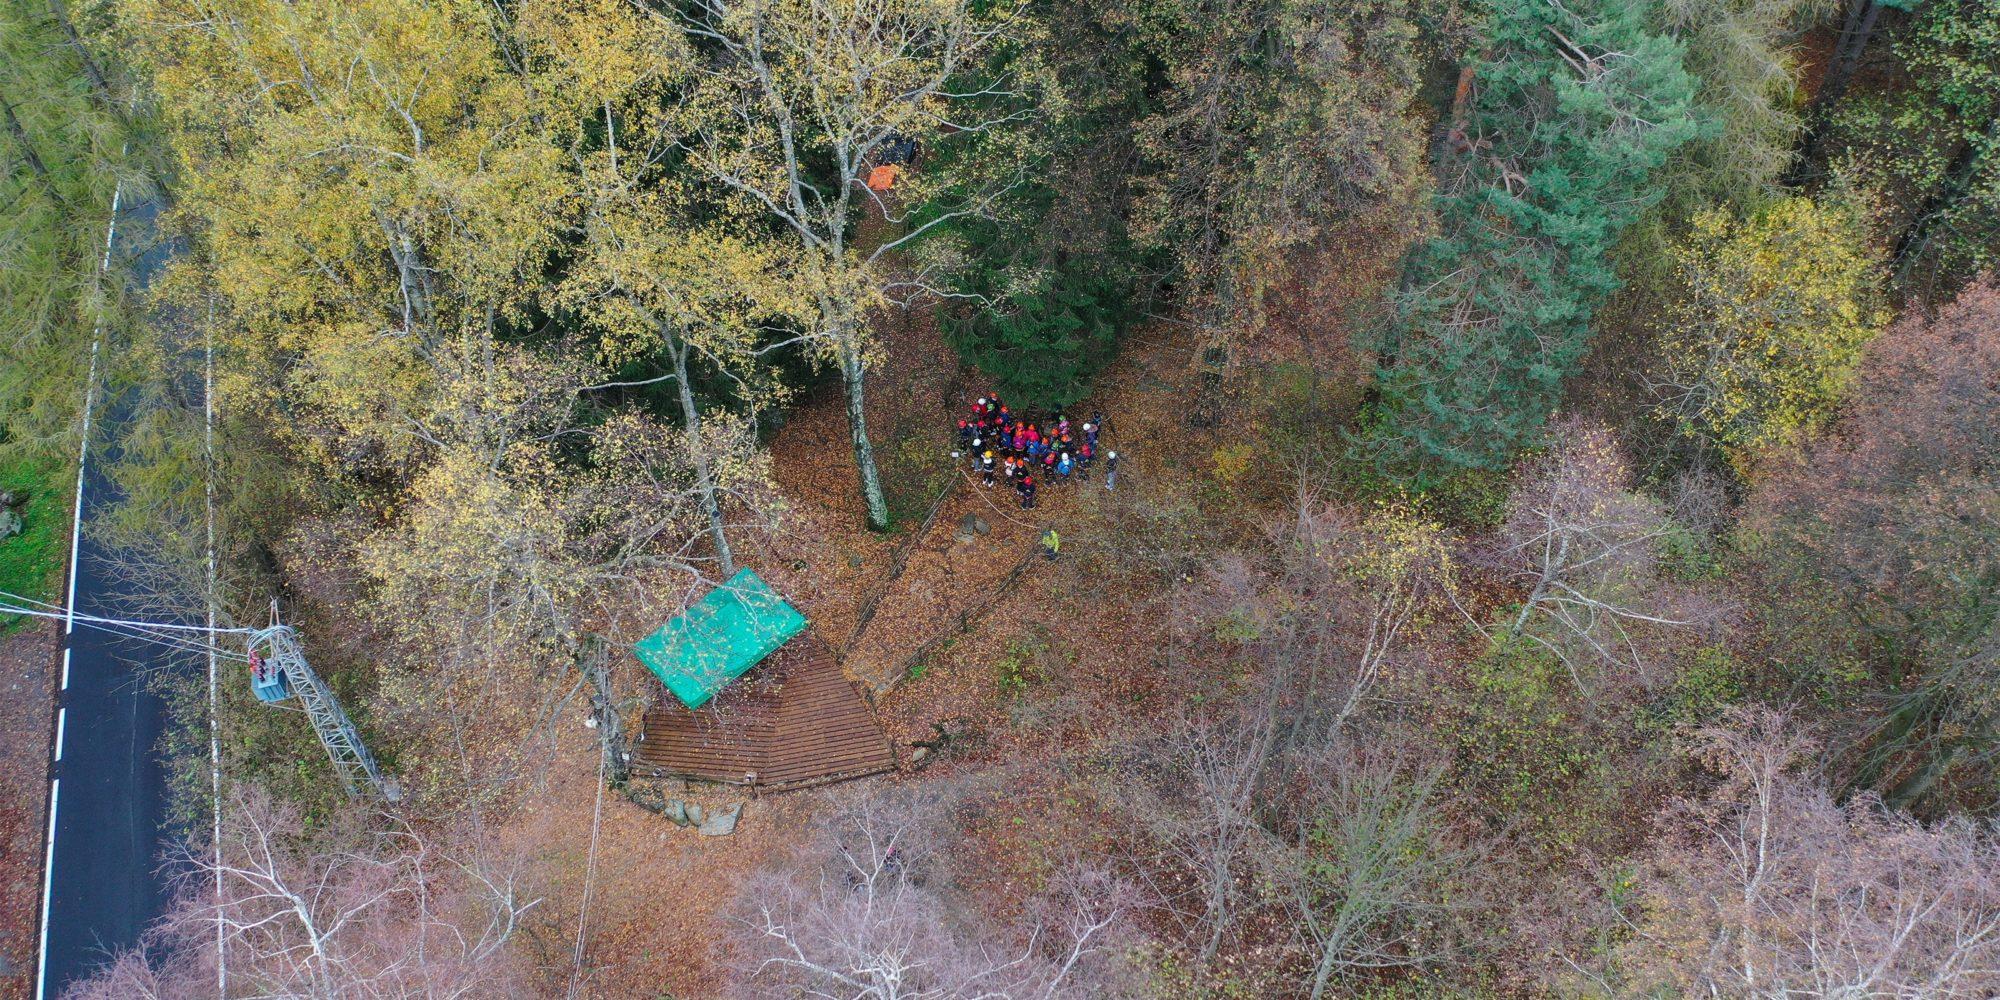 Il parco avventura di Civenna è immerso in un bosco tra i monti della Lombardia